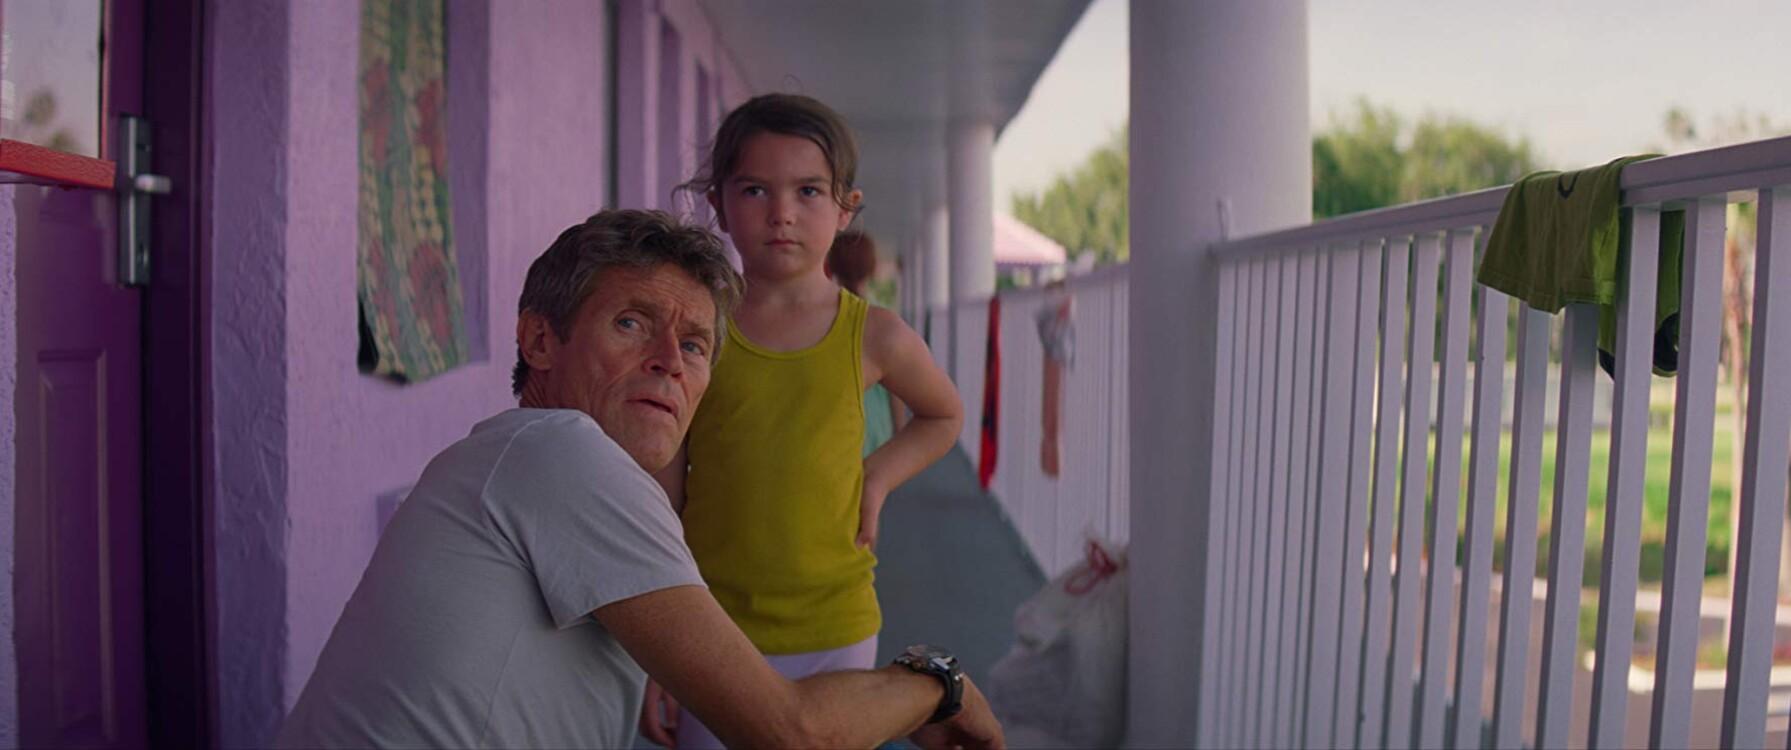 Віллем Дефо у фільмі «Проект «Флорида», 2017